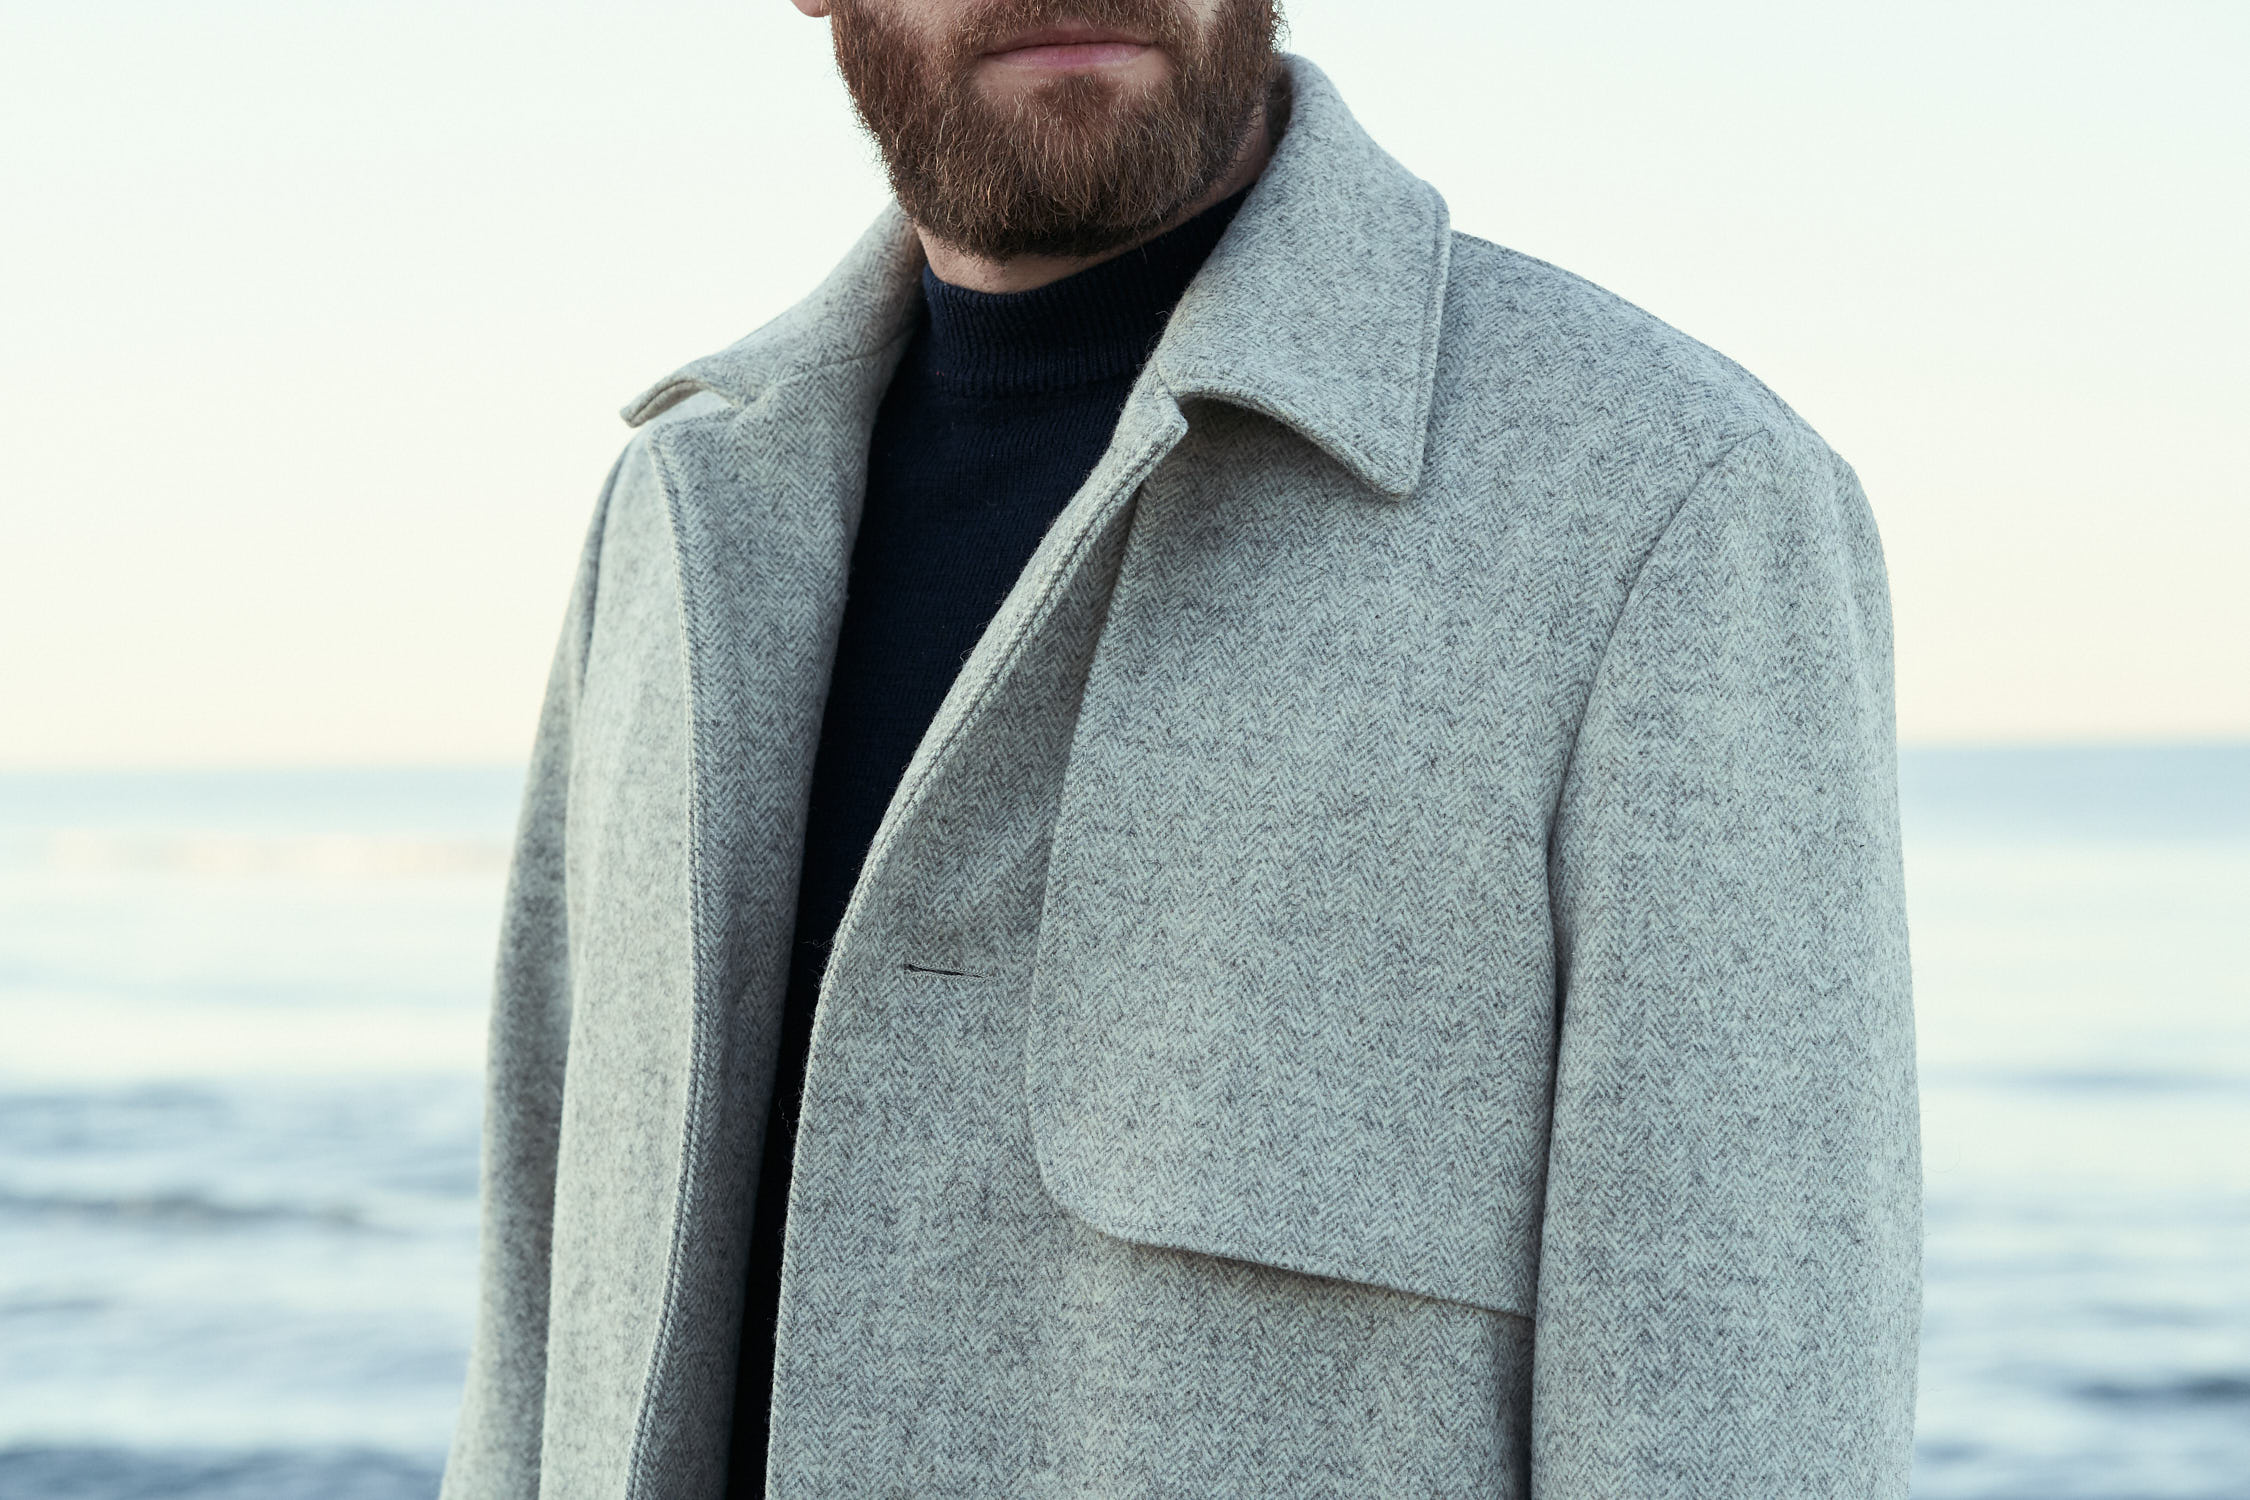 manteau laines françaises écru pour homme avec chevrons et bas volet